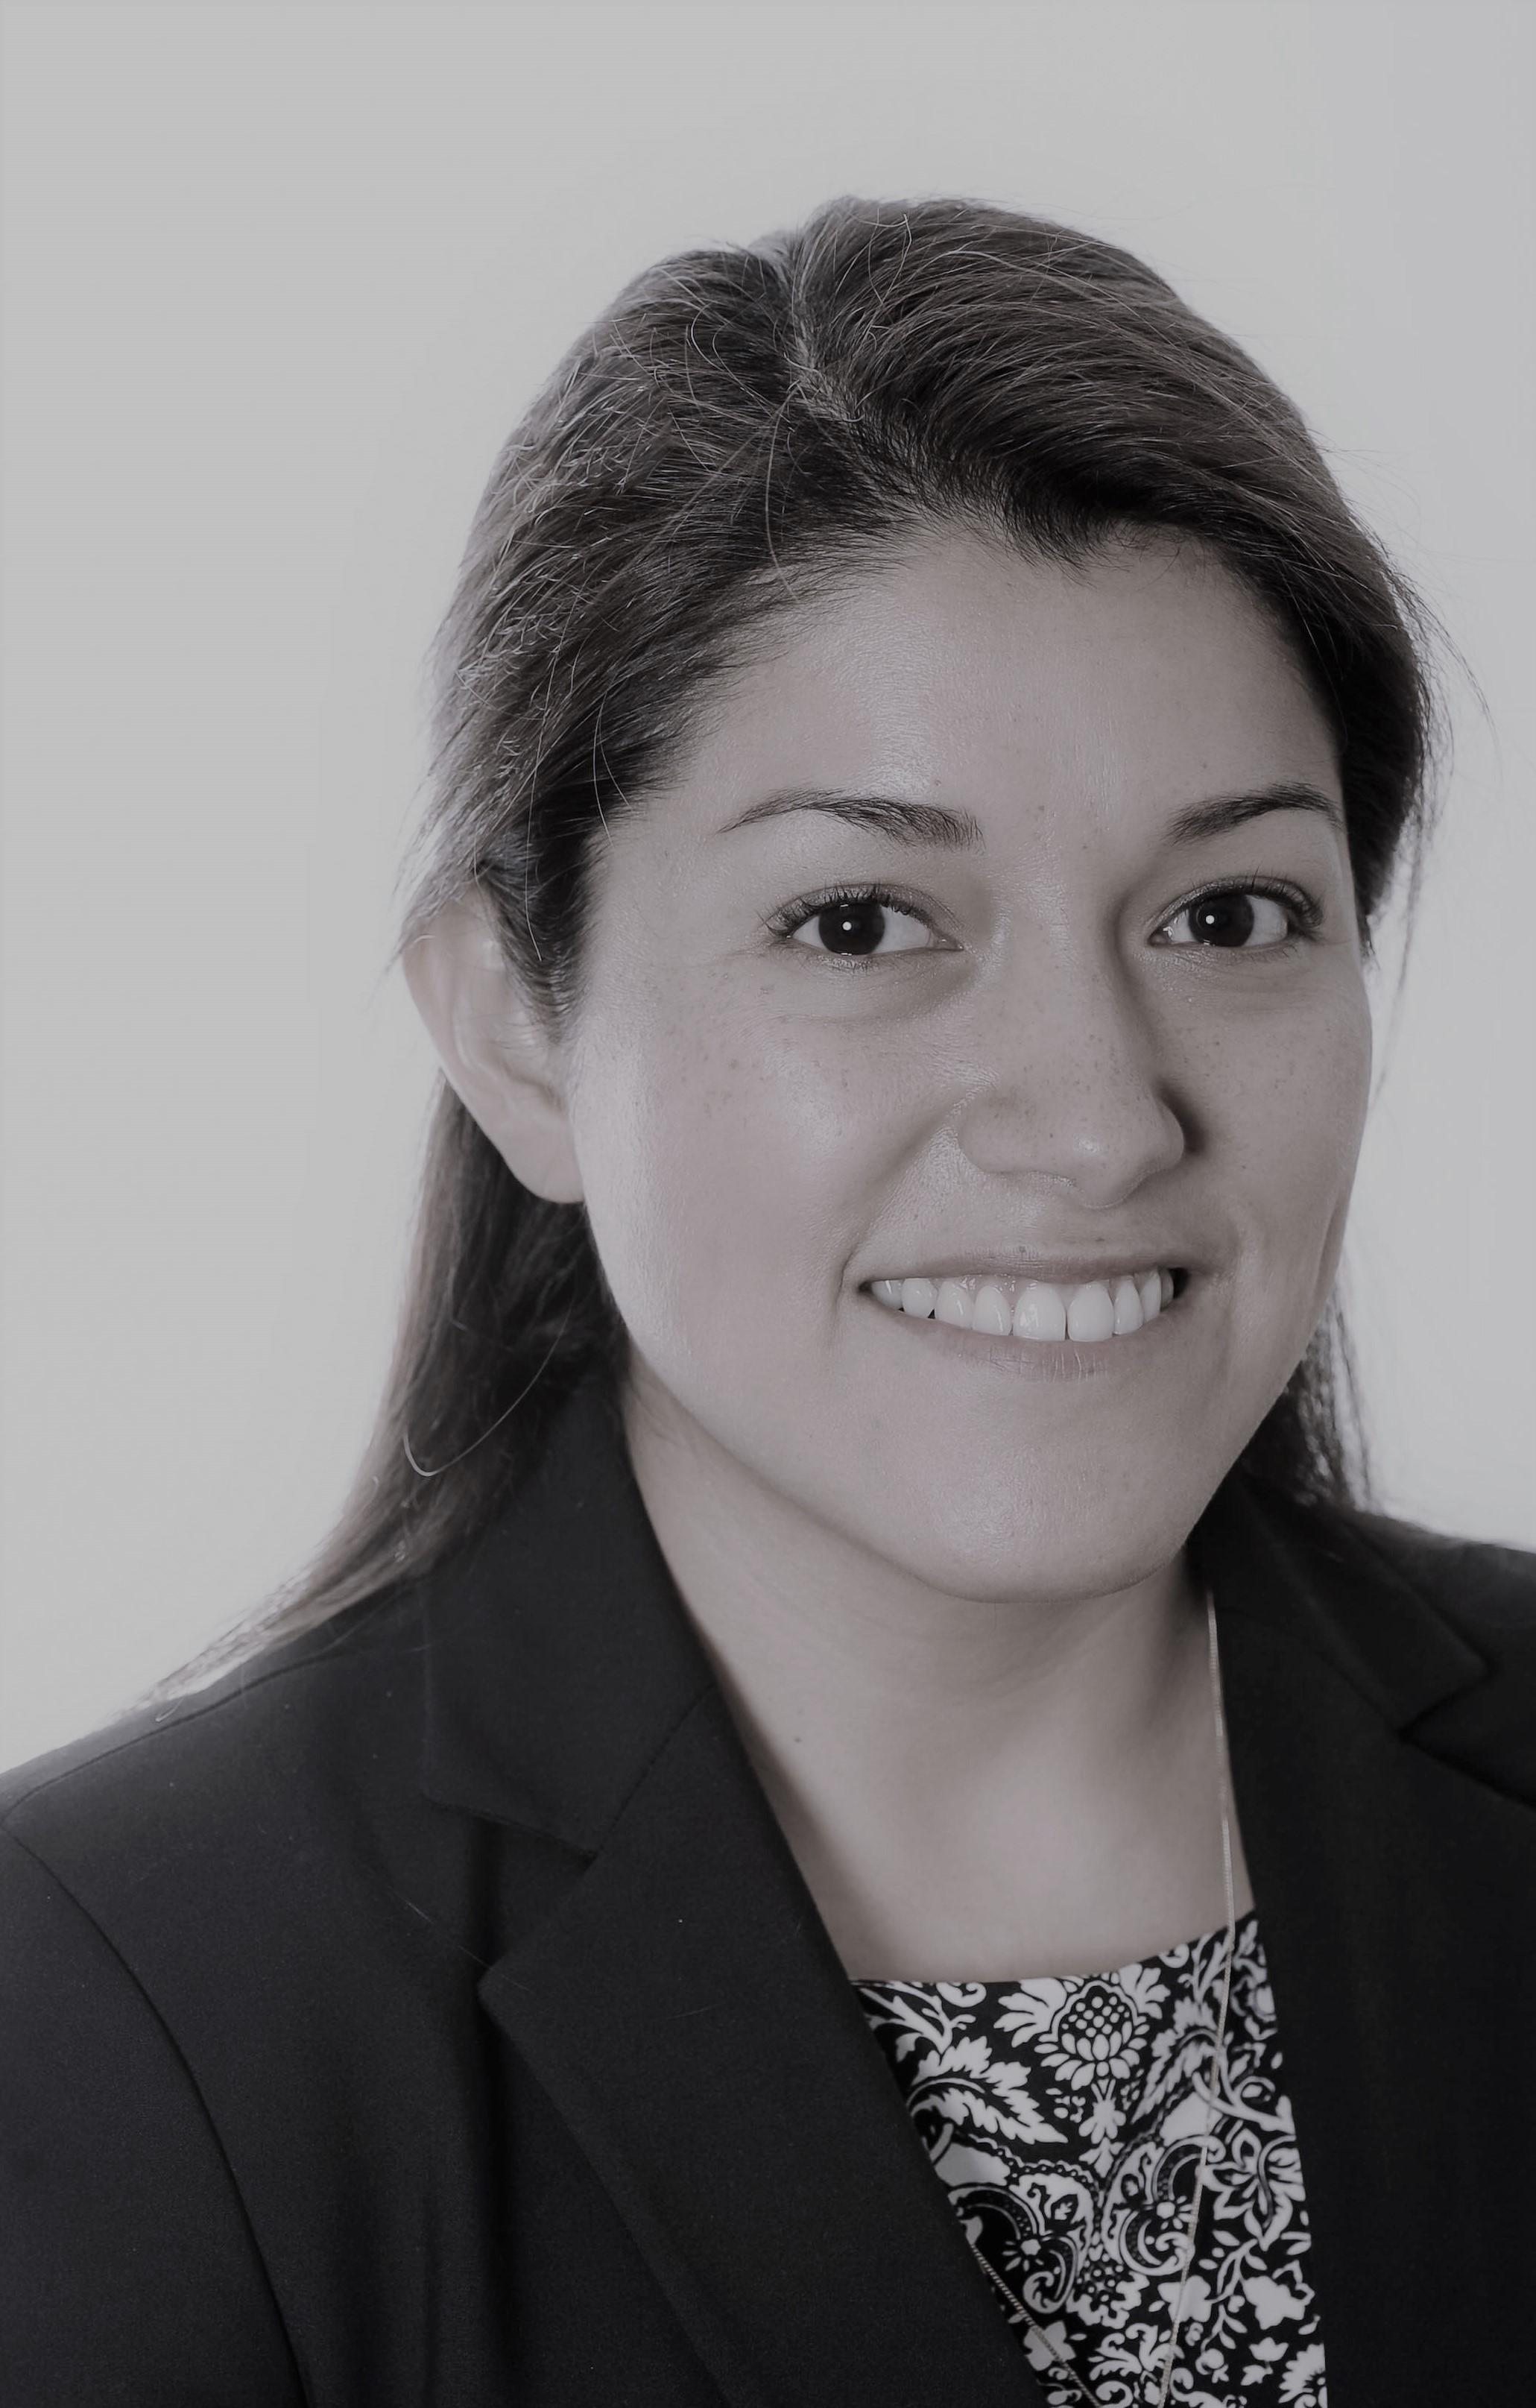 Tania Zuniga